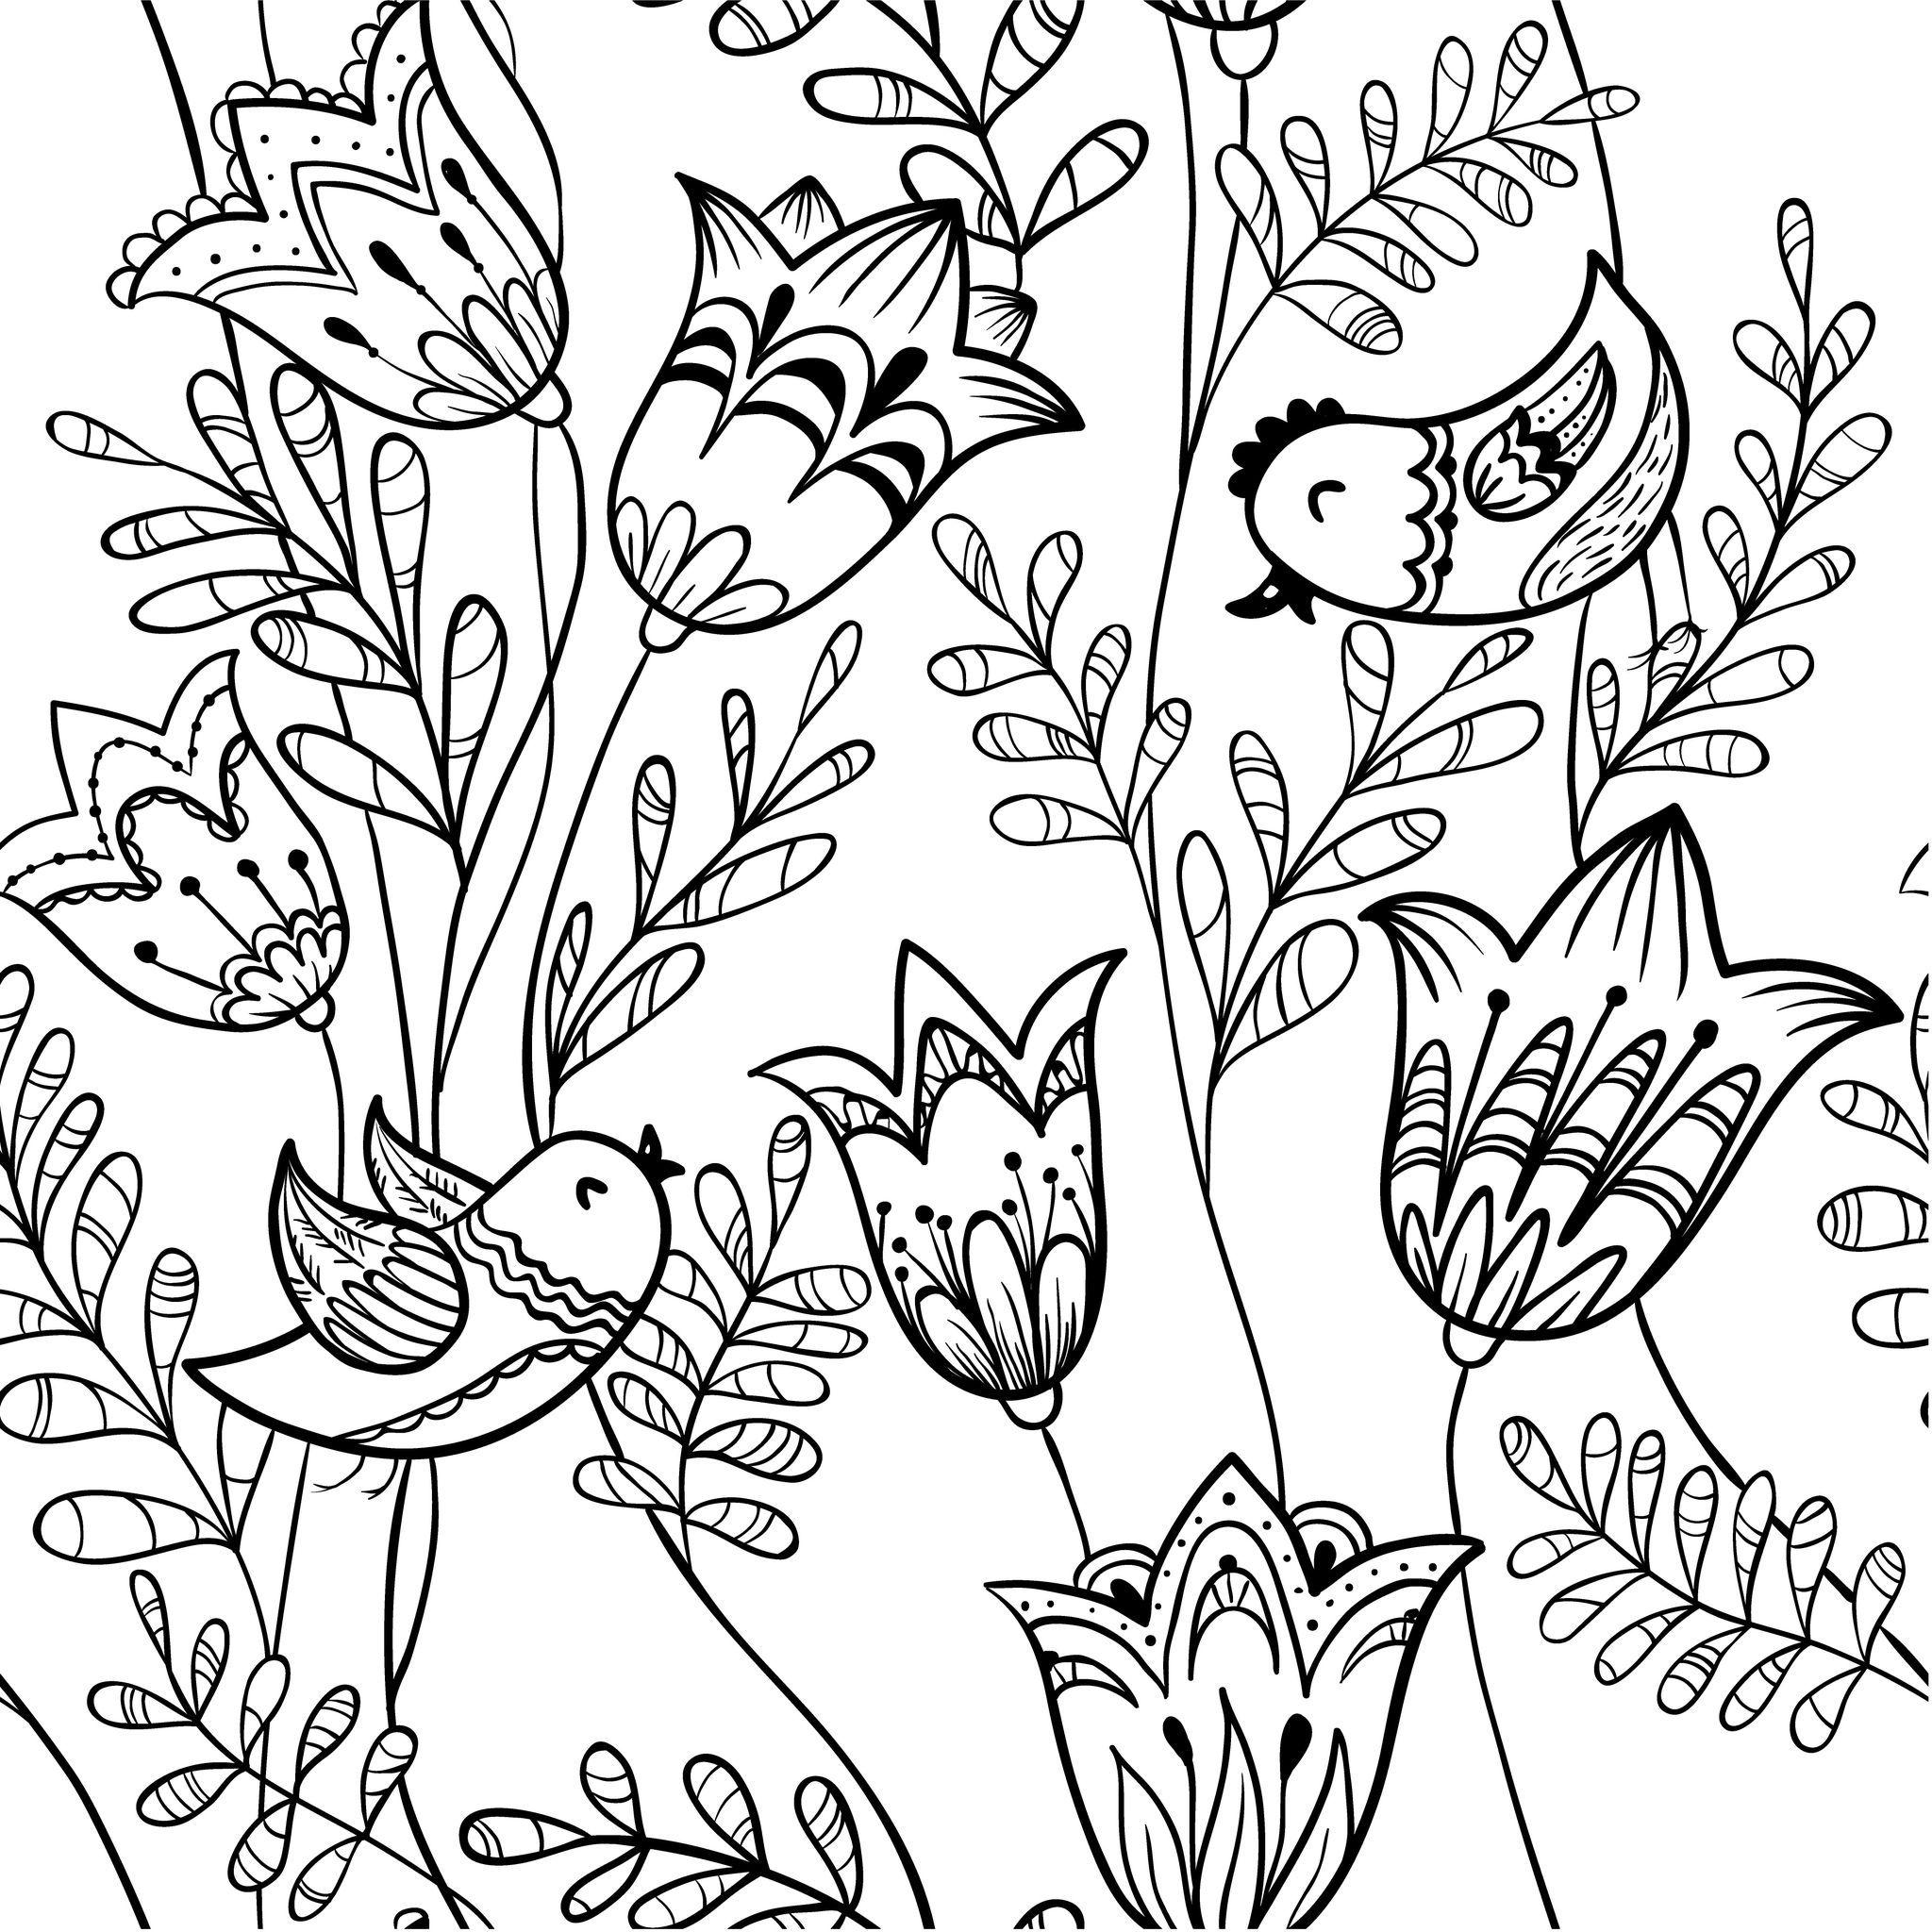 Coloriage Magique Printemps Gs.Coloriage Printemps Fleurs Adulte Dessin Imprimer Coloriage